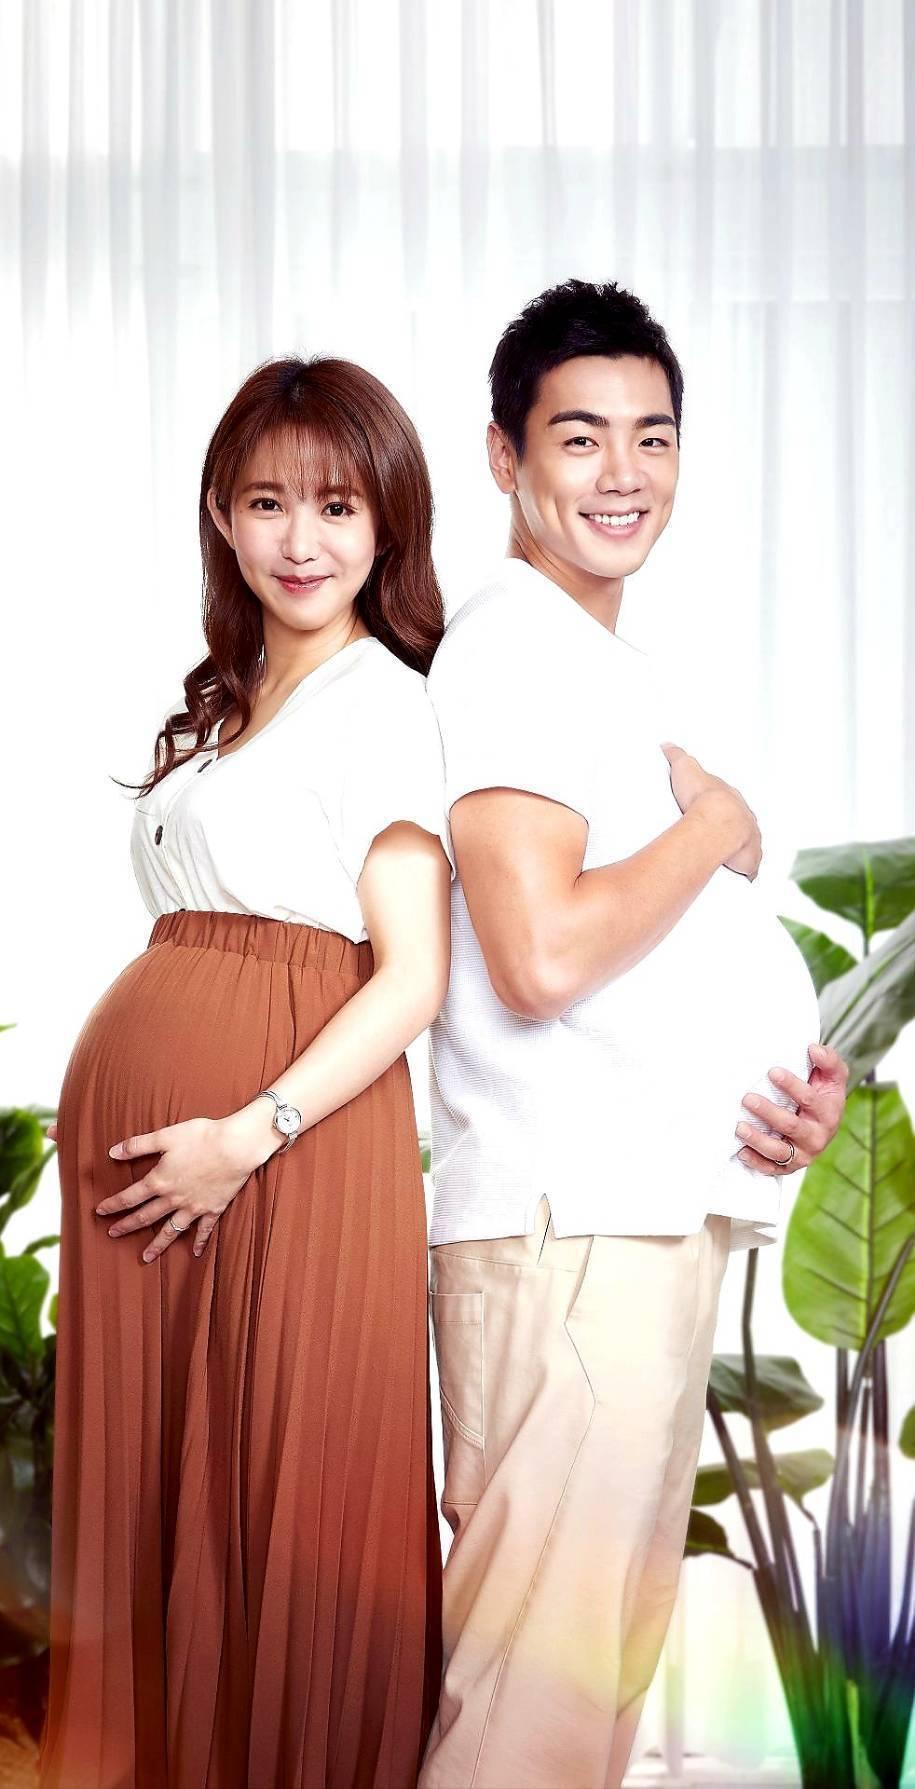 郭書瑤(左)和禾浩辰主演的「未來媽媽」收視開紅盤。圖/三立提供